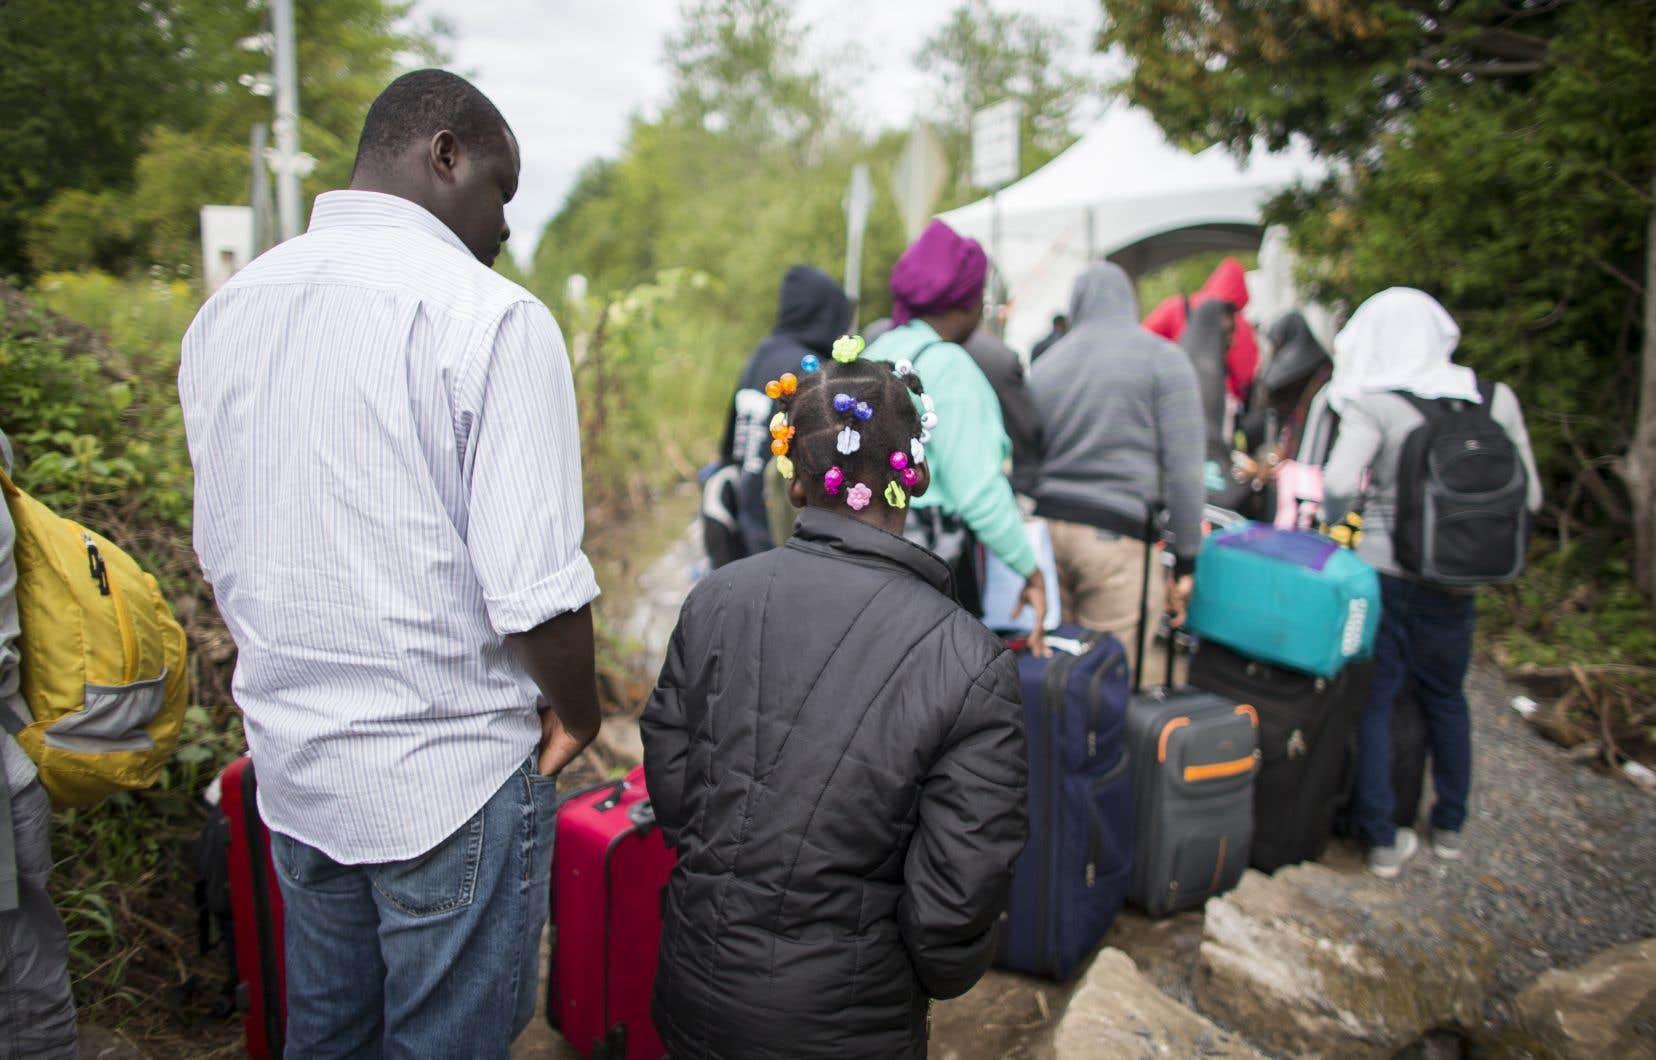 Selon nos informations, les personnes immigrantes se qualifiant pour cette détention hors les murs seraient prises en charge par un intervenant d'un organisme.